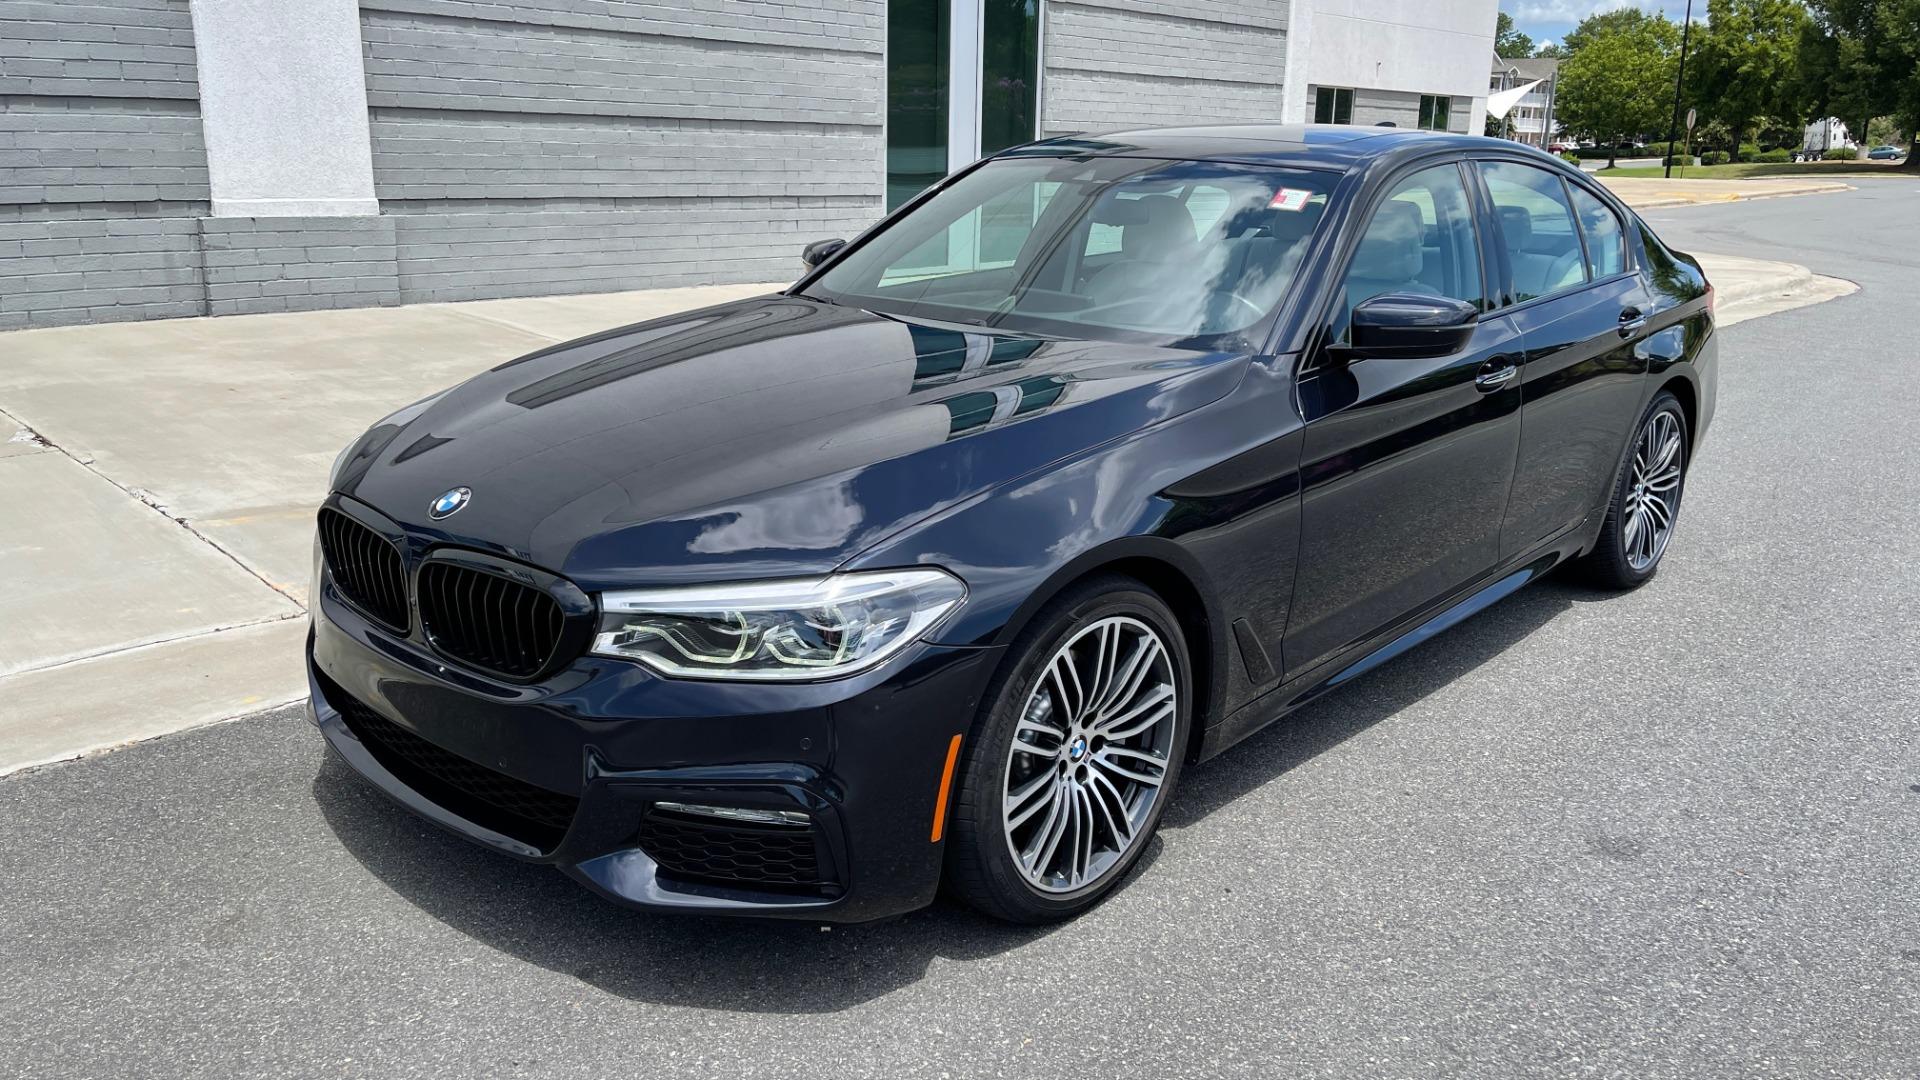 Used 2018 BMW 5 SERIES 540I M-SPORT / EXECUTIVE PKG / DRVR ASST PKG / BLIND SPOT / LANE DEPART for sale $40,995 at Formula Imports in Charlotte NC 28227 3